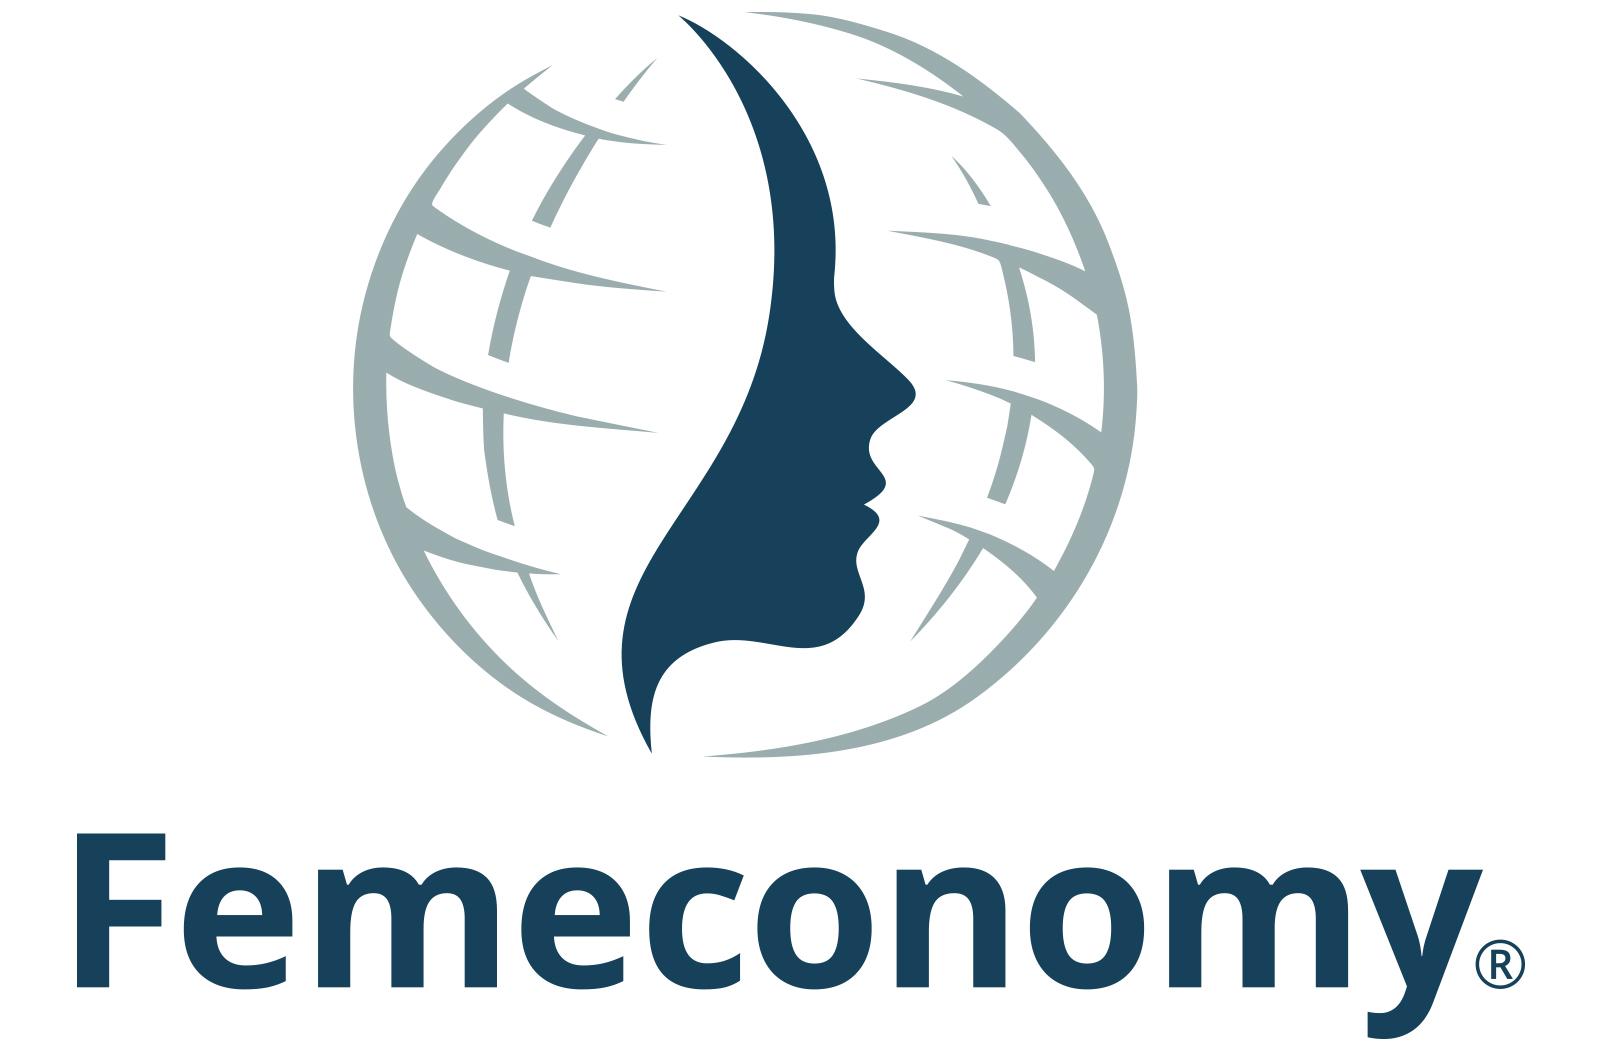 Femeconomy logo 1600px wide x 1050px high.jpg